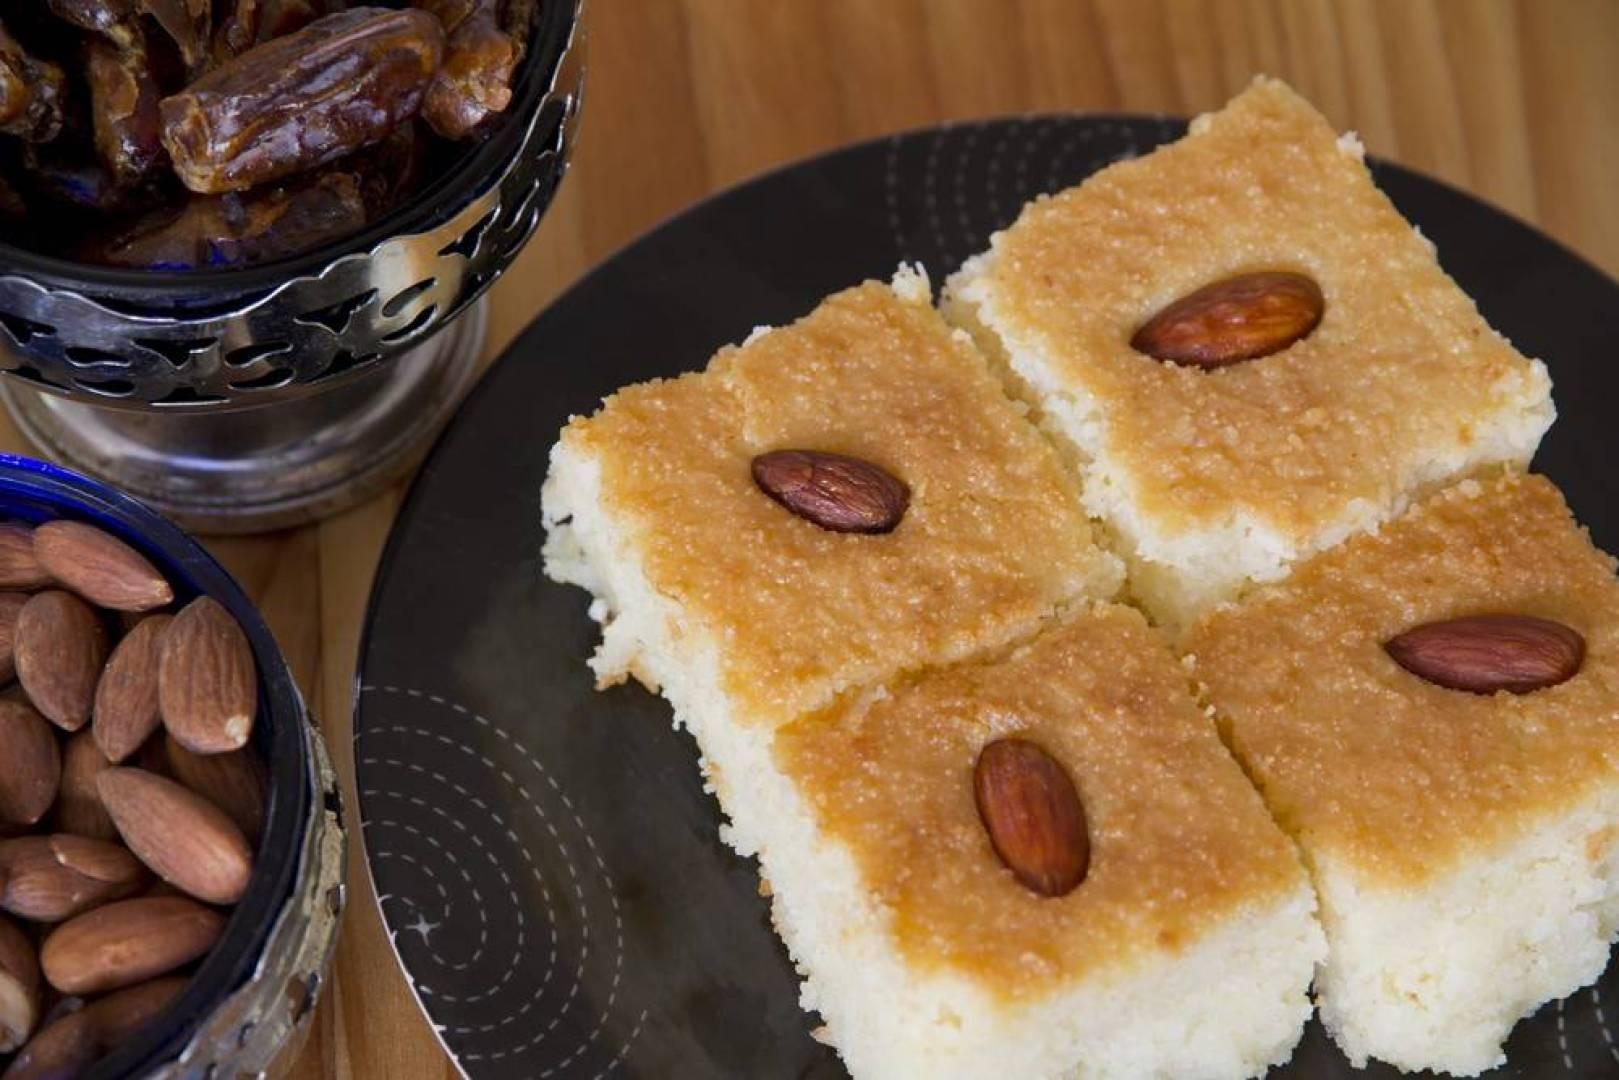 البسبوسة بالتمر على مائدة رمضان: حلوى شهية سرّها في 5 خطوات